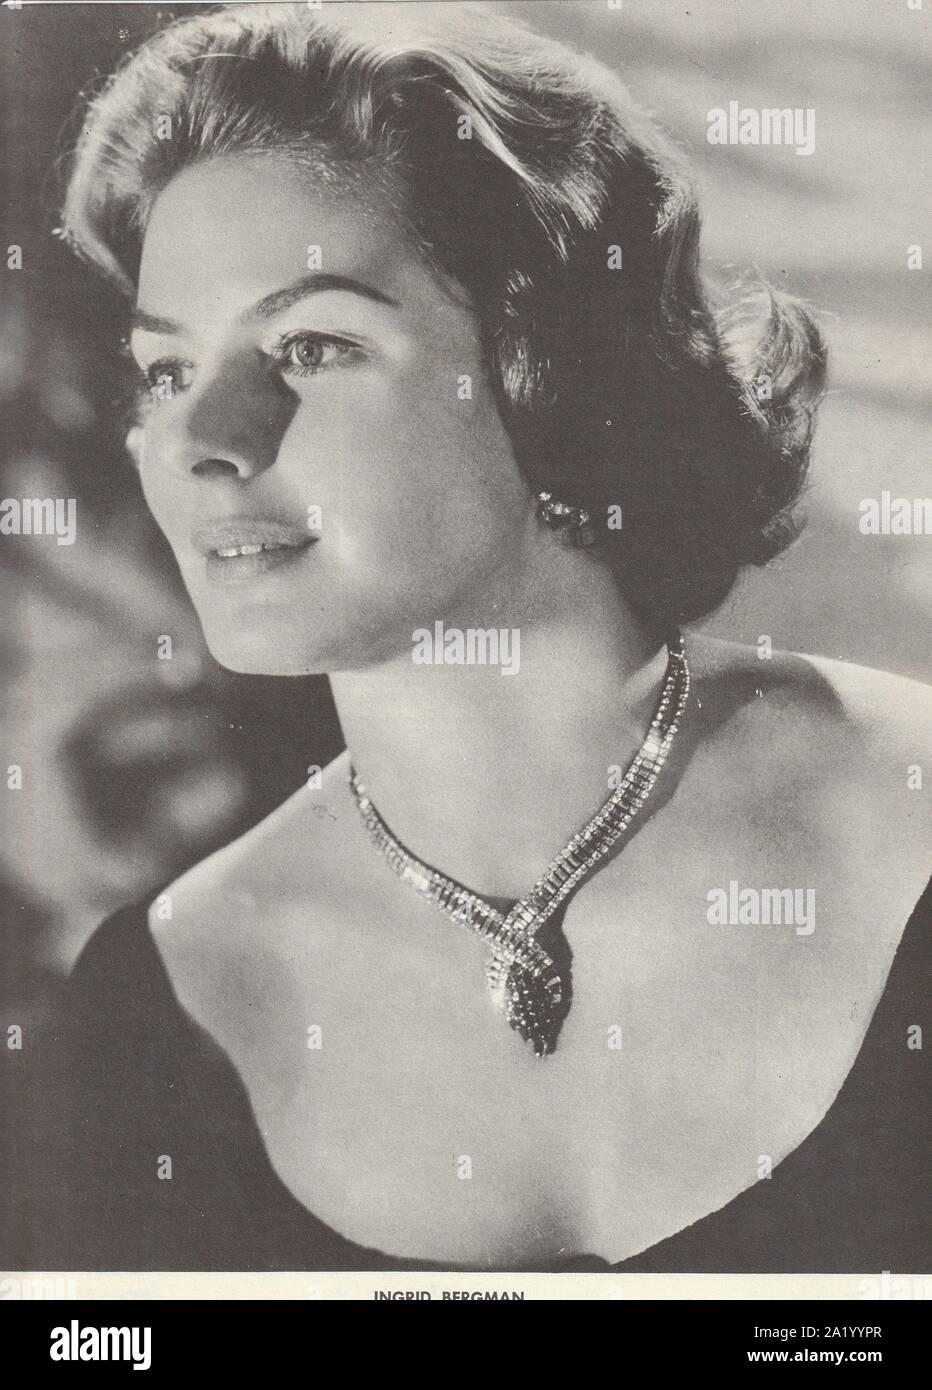 Ingrid Bergman (1915-1982), actrice d'origine suédoise, Academy Award Winner pour Gaslight, Anastasia, le meurtre de Orient Express. Banque D'Images